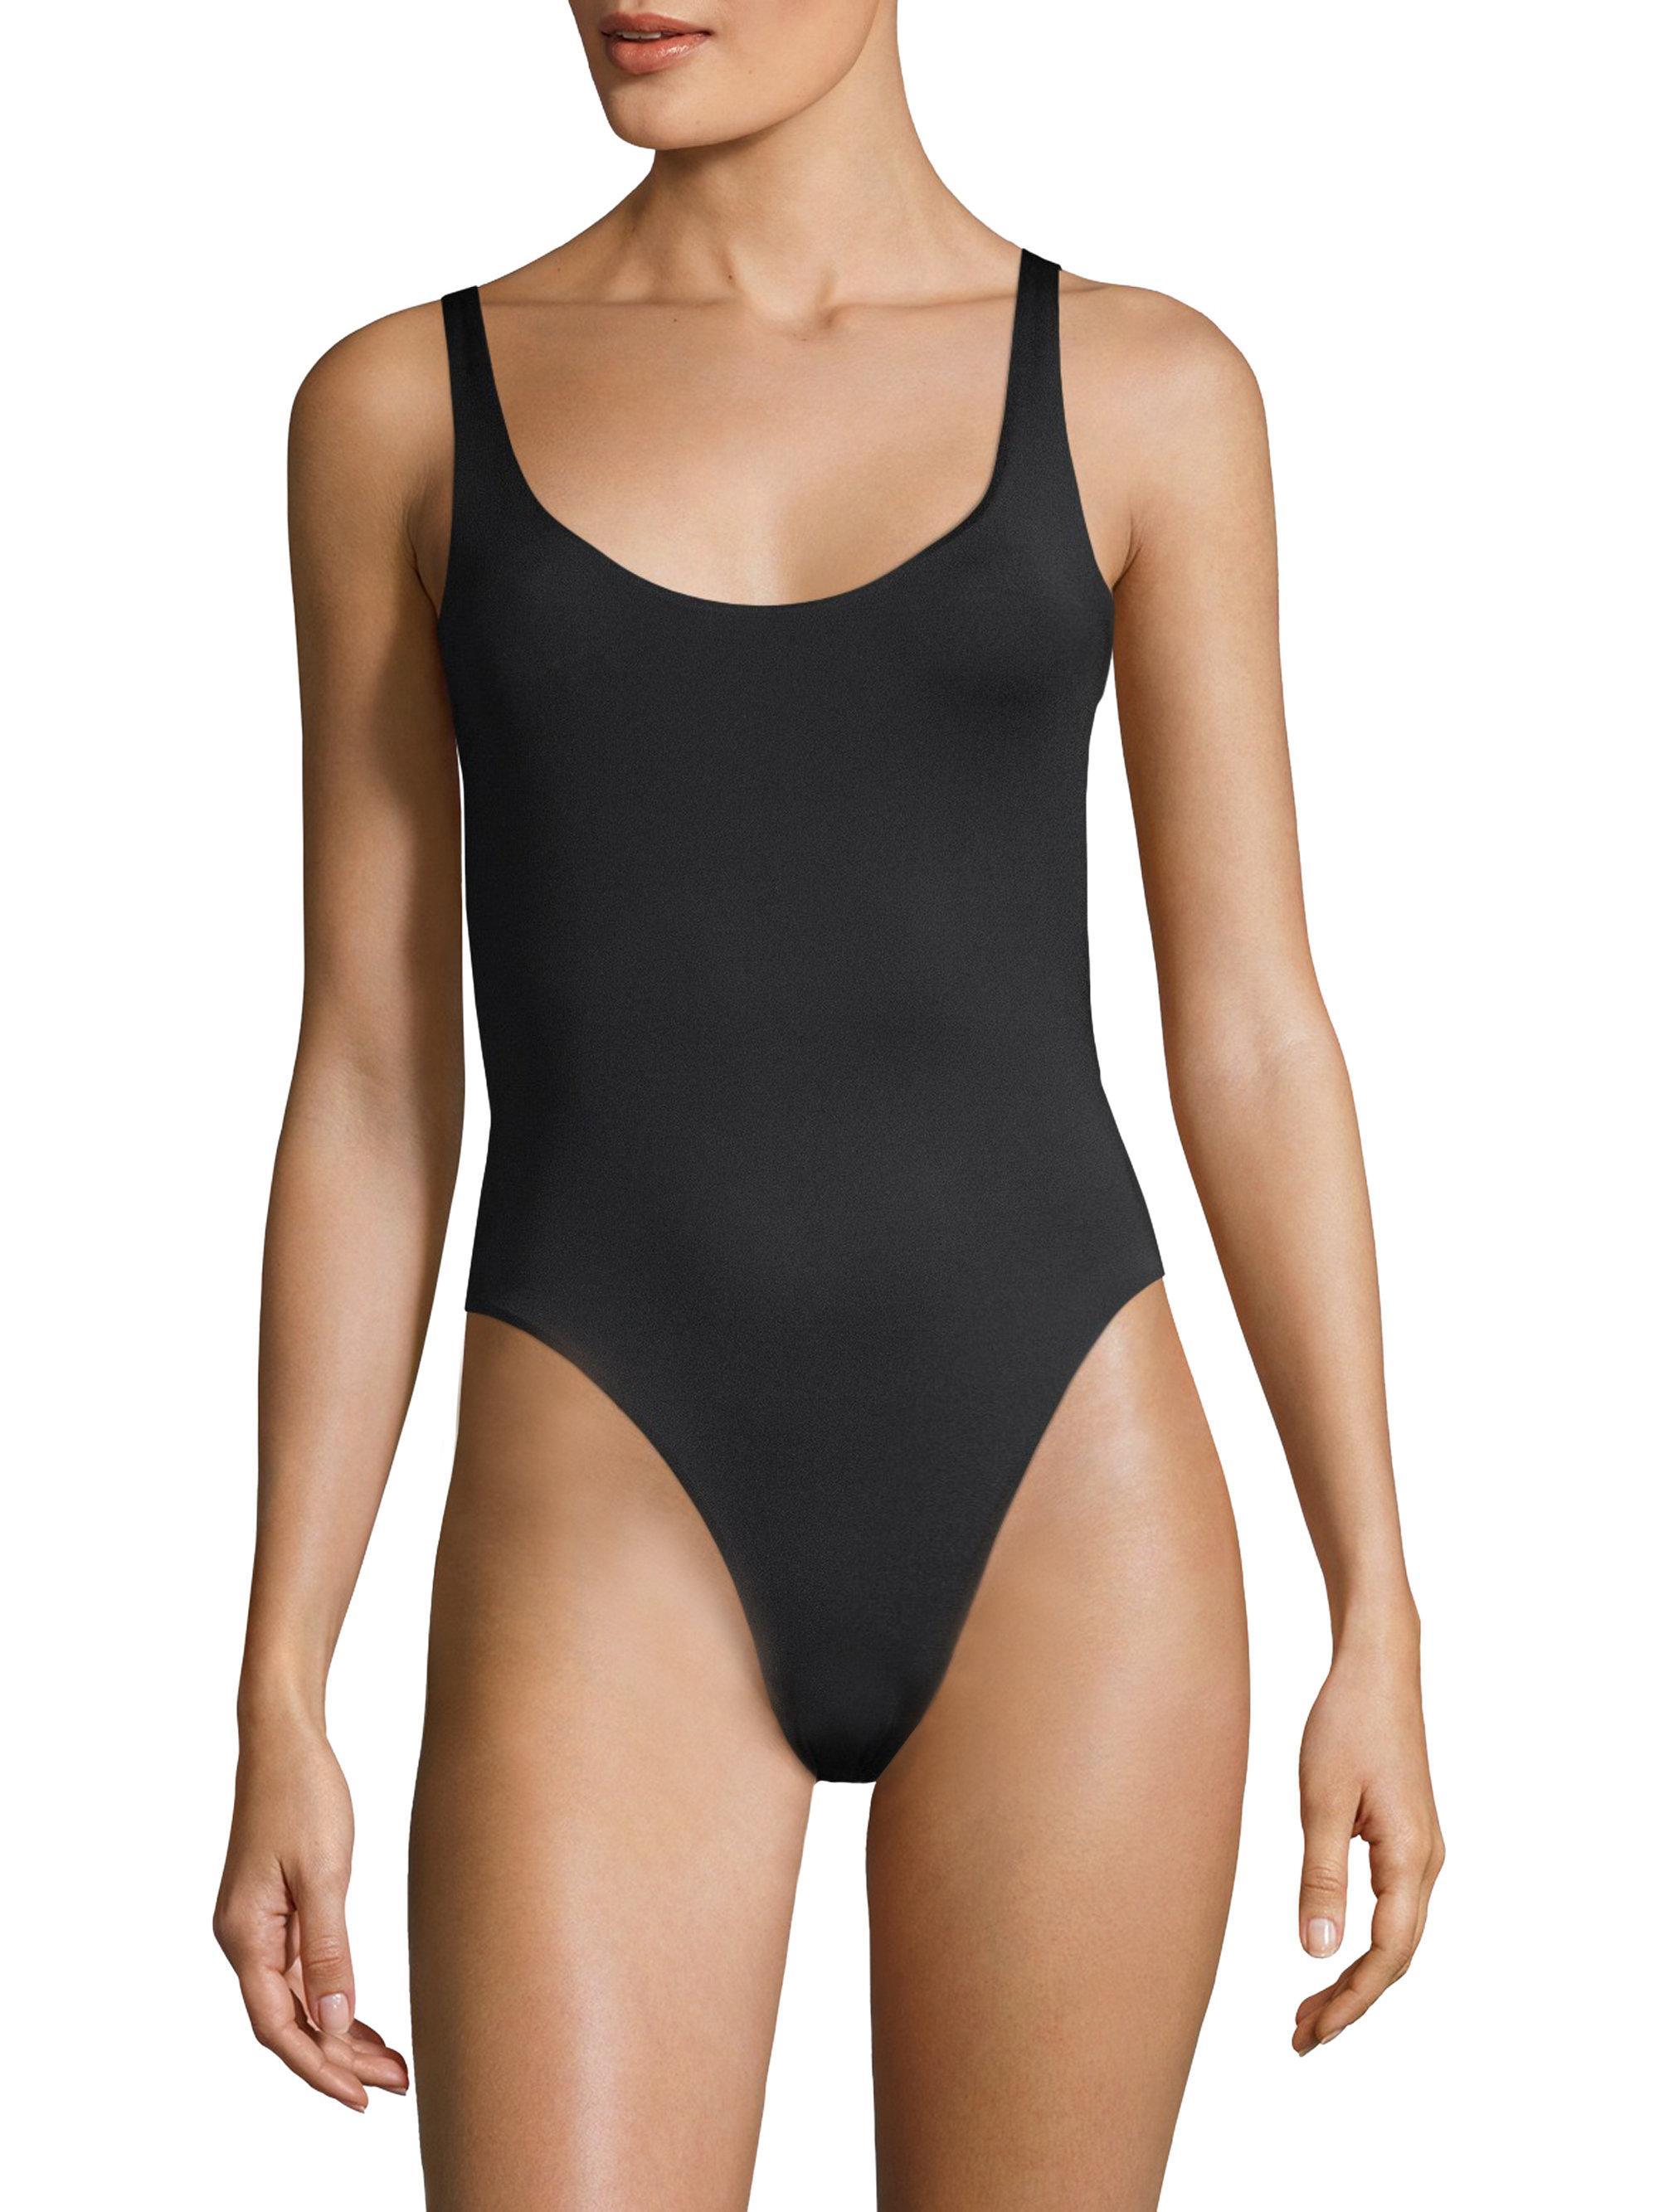 lyst skin lana reversible maillot in black. Black Bedroom Furniture Sets. Home Design Ideas